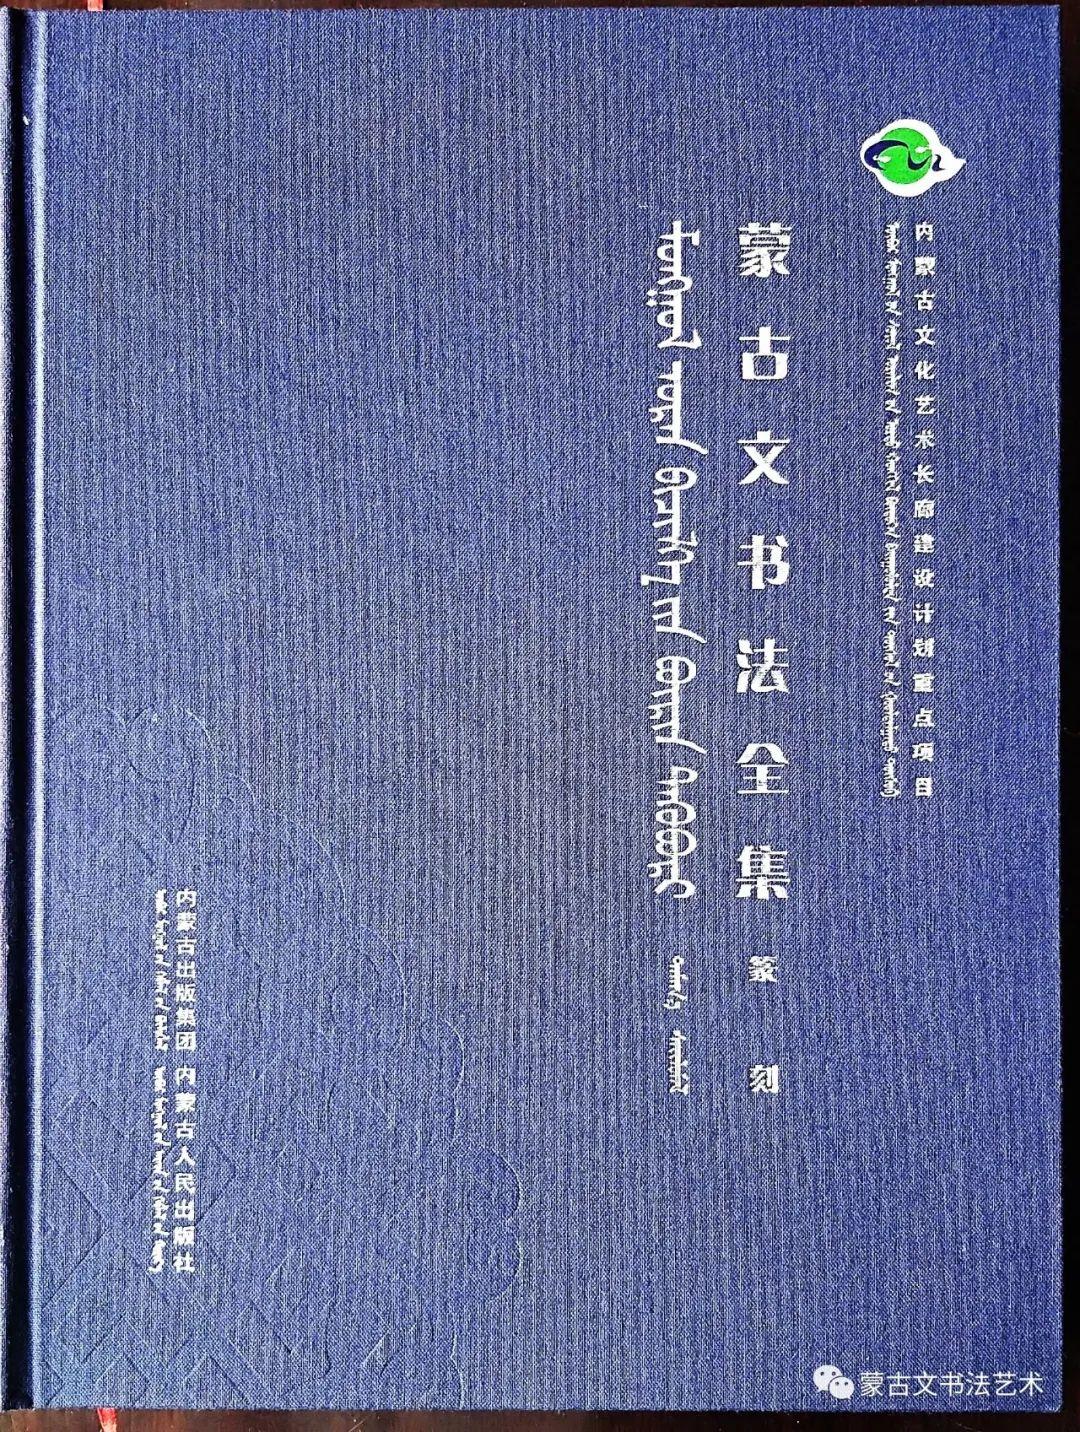 蒙古文书法全集 第26张